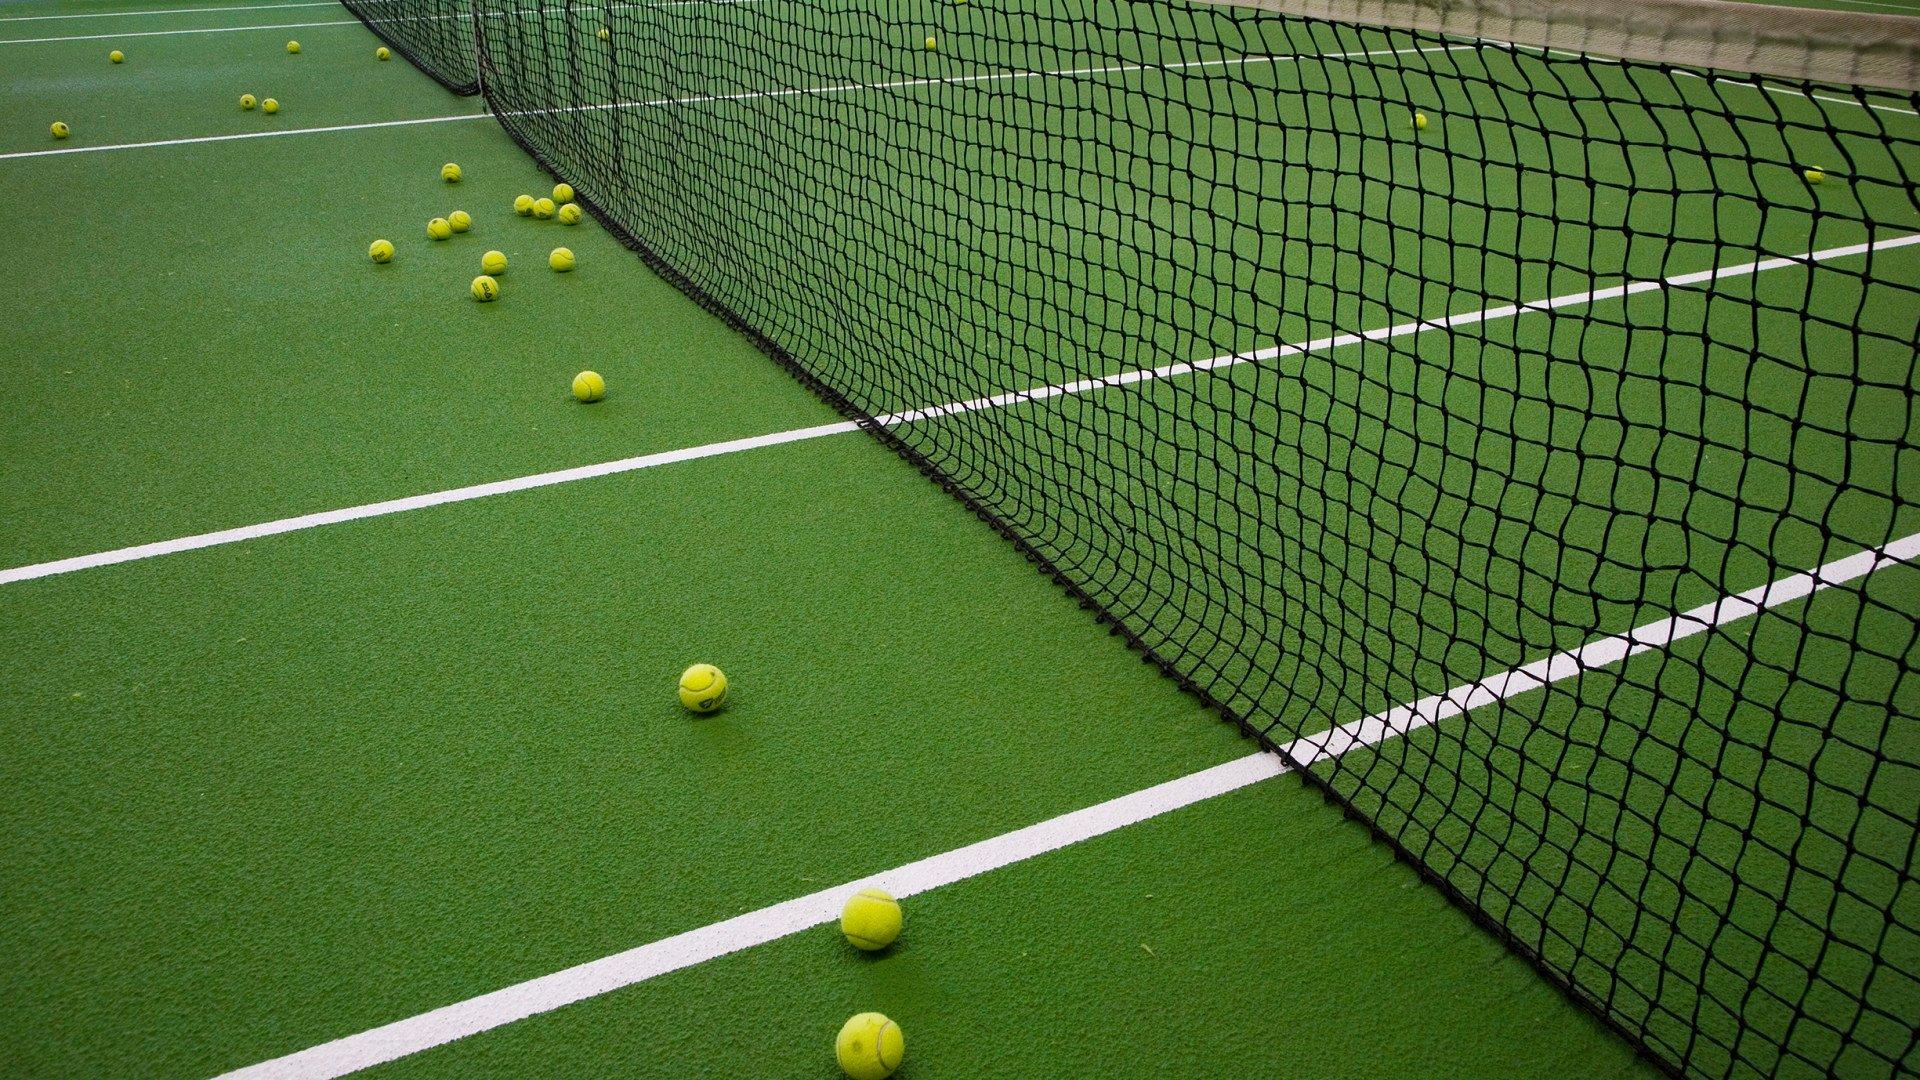 Tennisclub Bekhand België Bolidtan H-PU